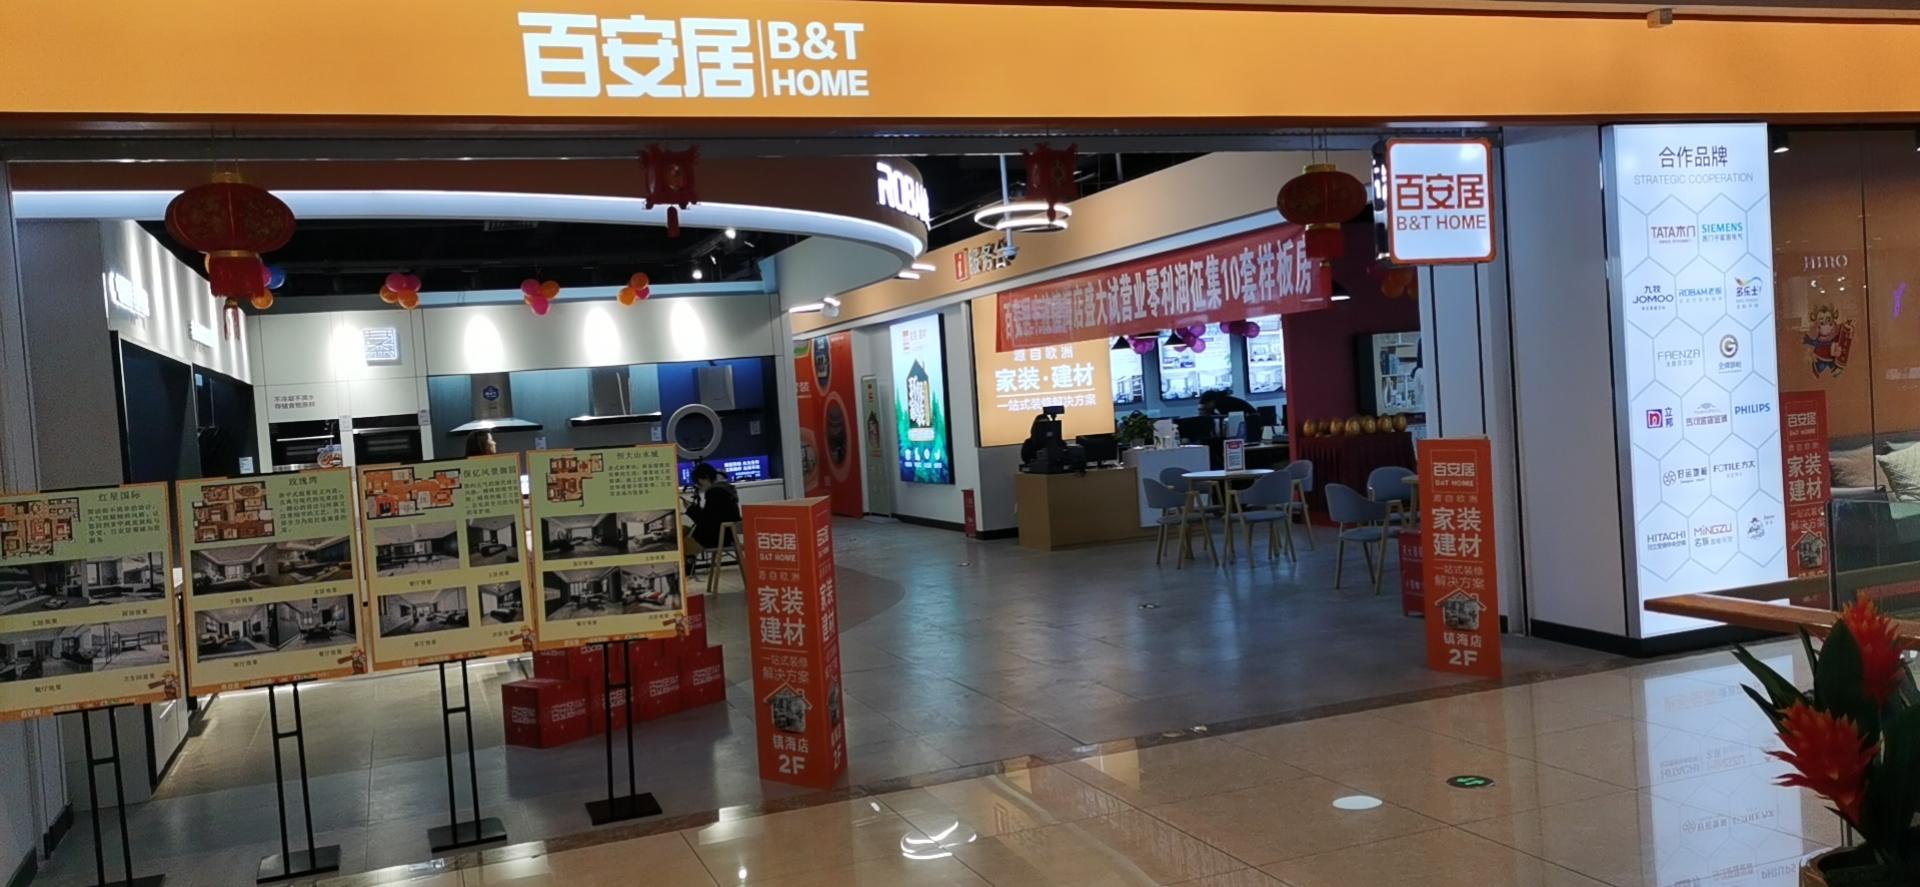 宁波镇海吾悦店